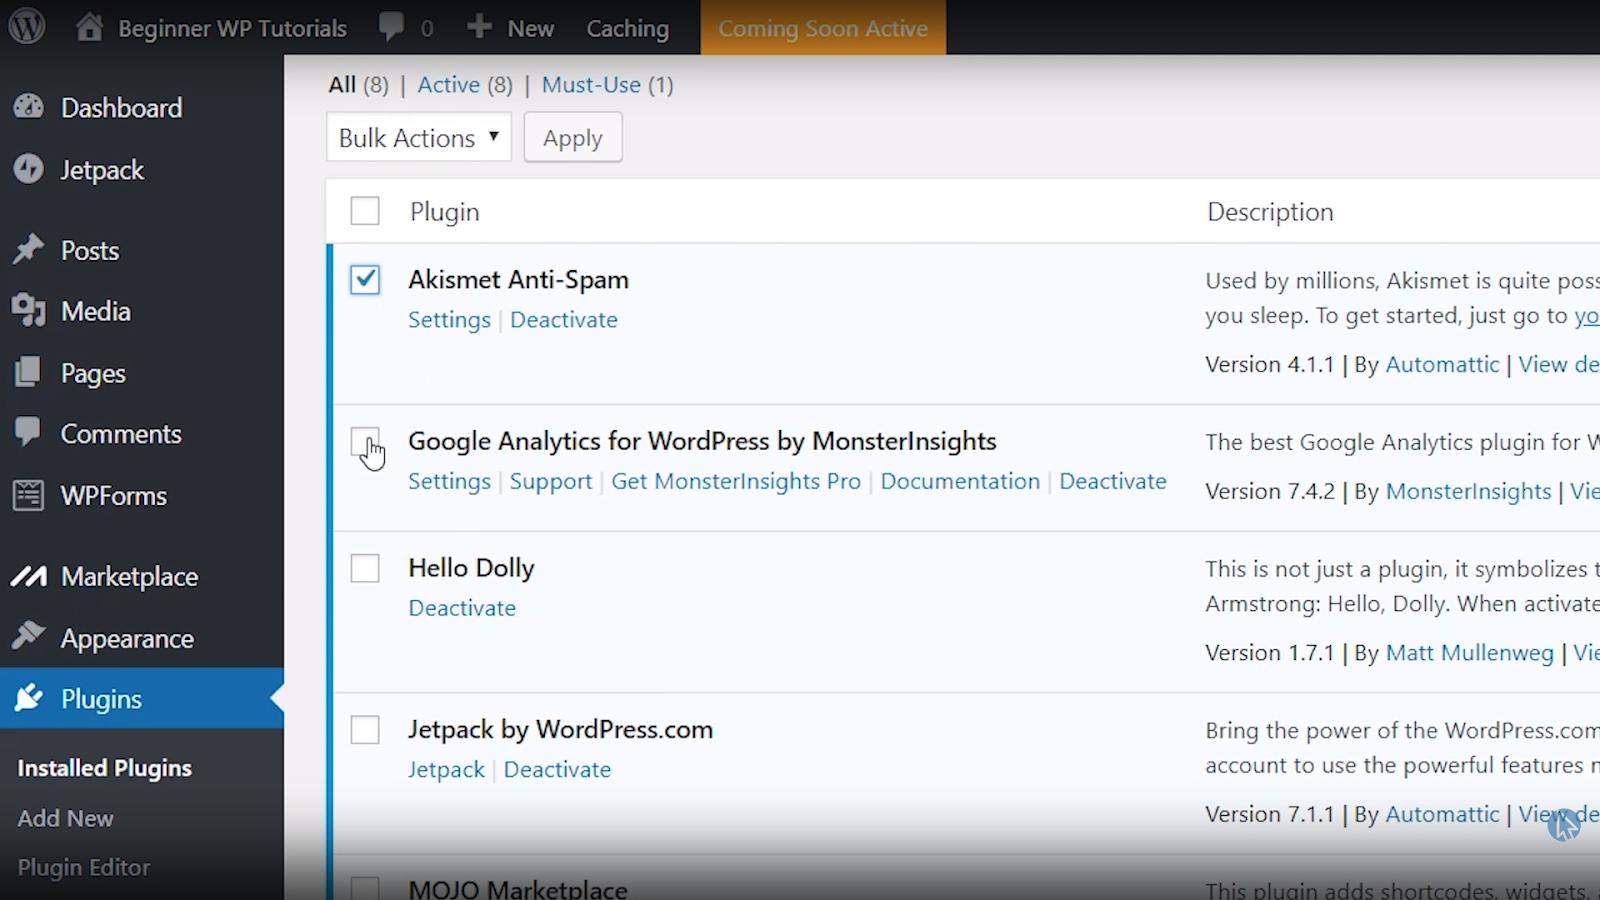 bulk select plugins wordpress tutorial for beginners